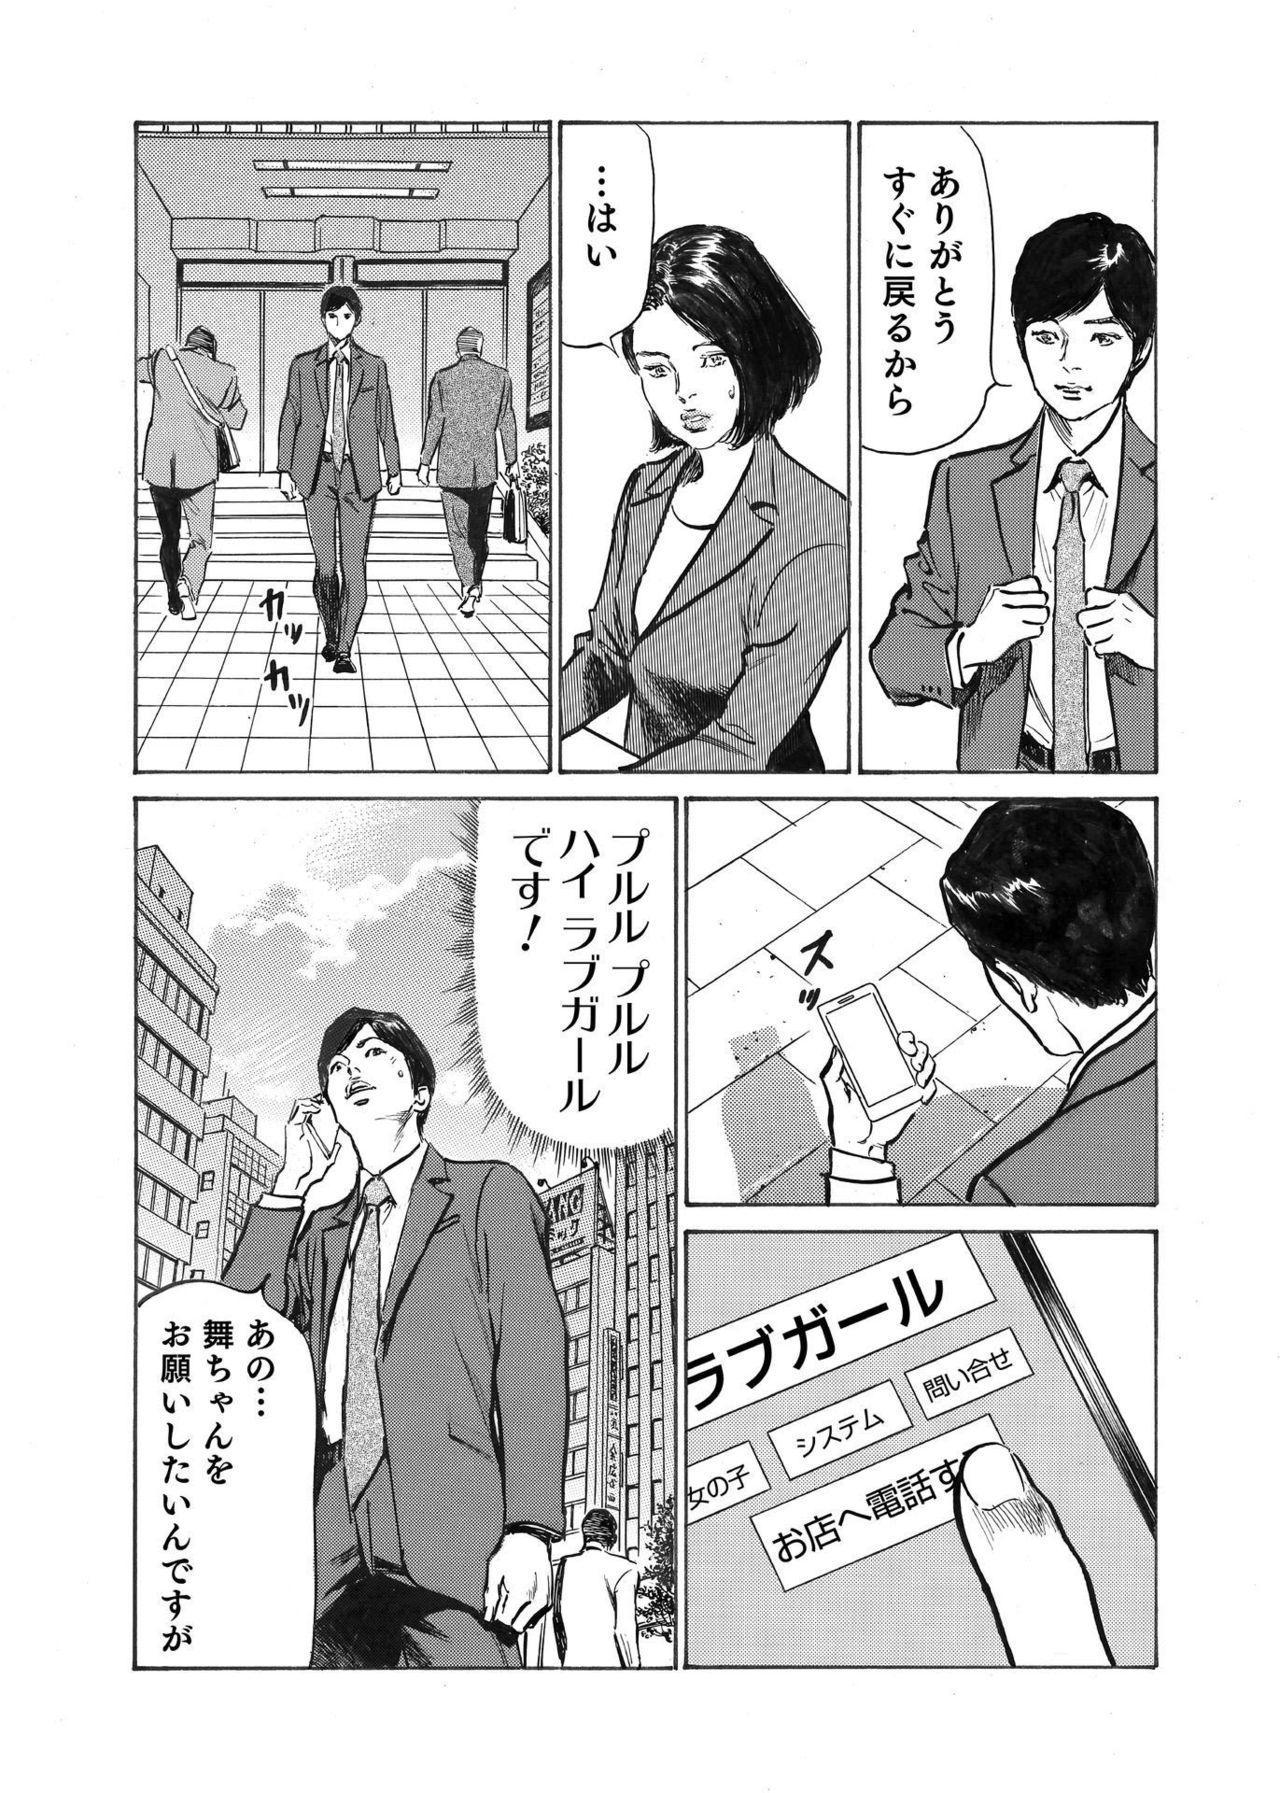 Ore wa Tsuma no Koto o Yoku Shiranai 1-9 104